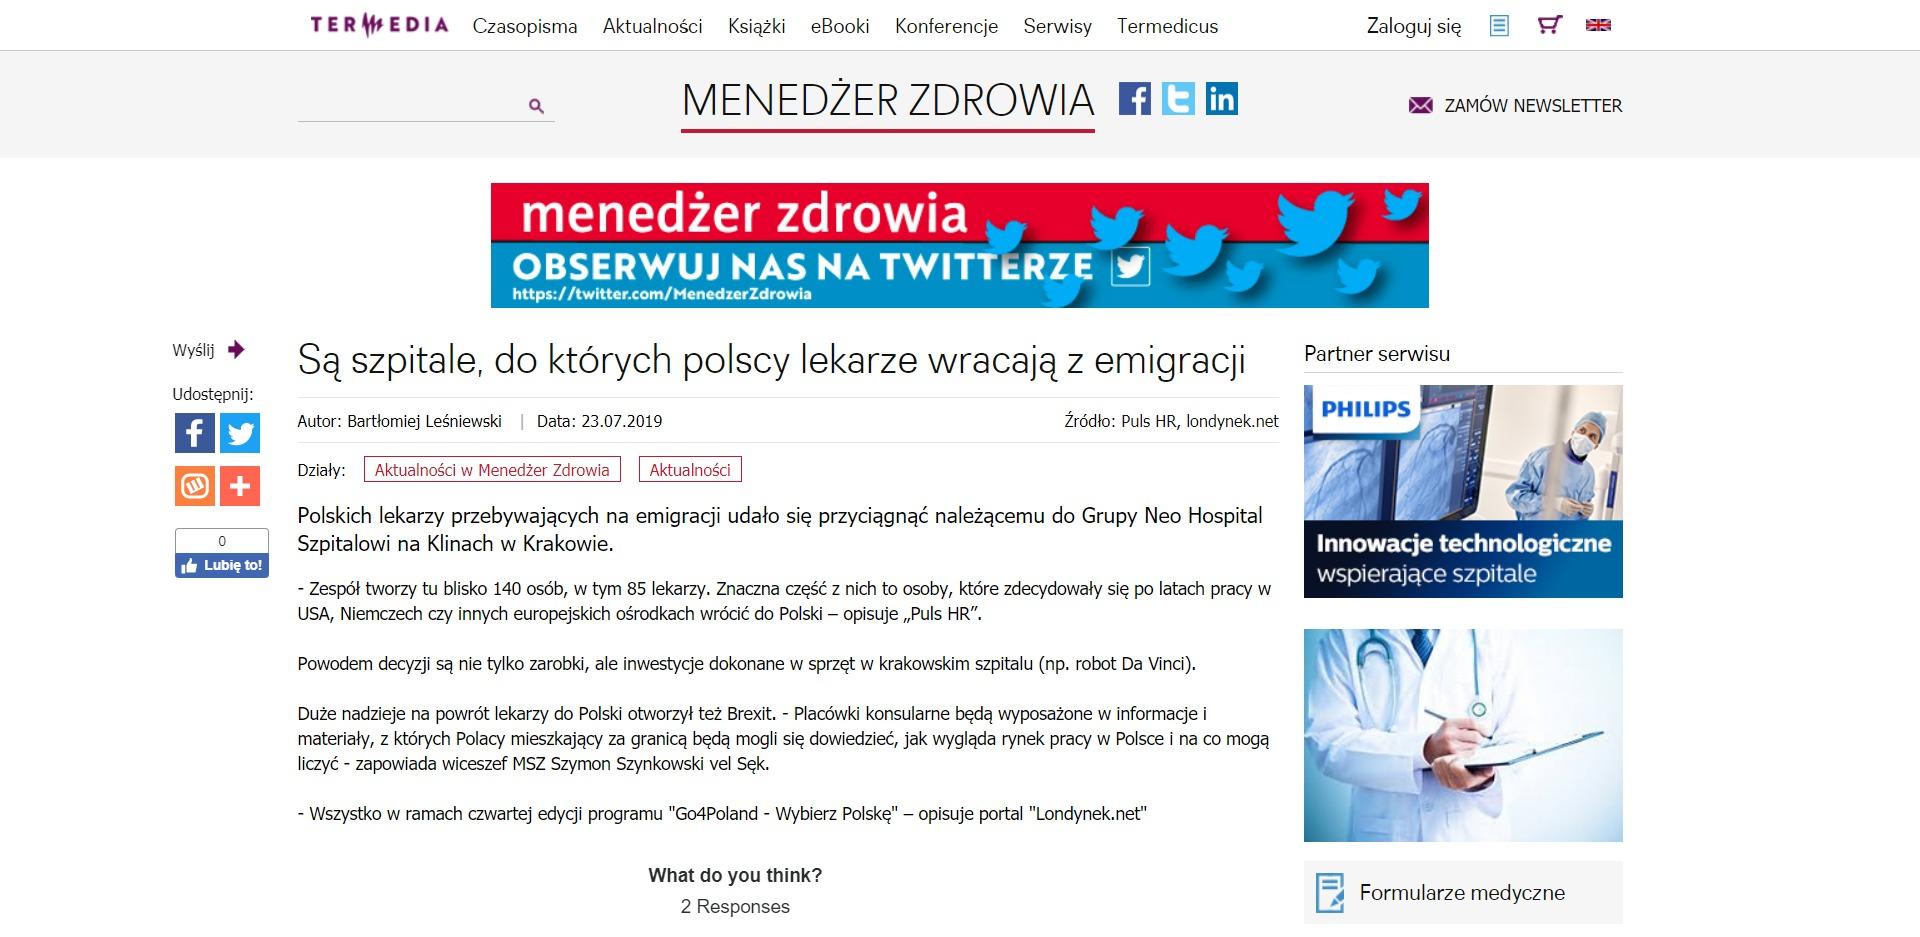 Są szpitale, do których polscy lekarze wracają z emigracji